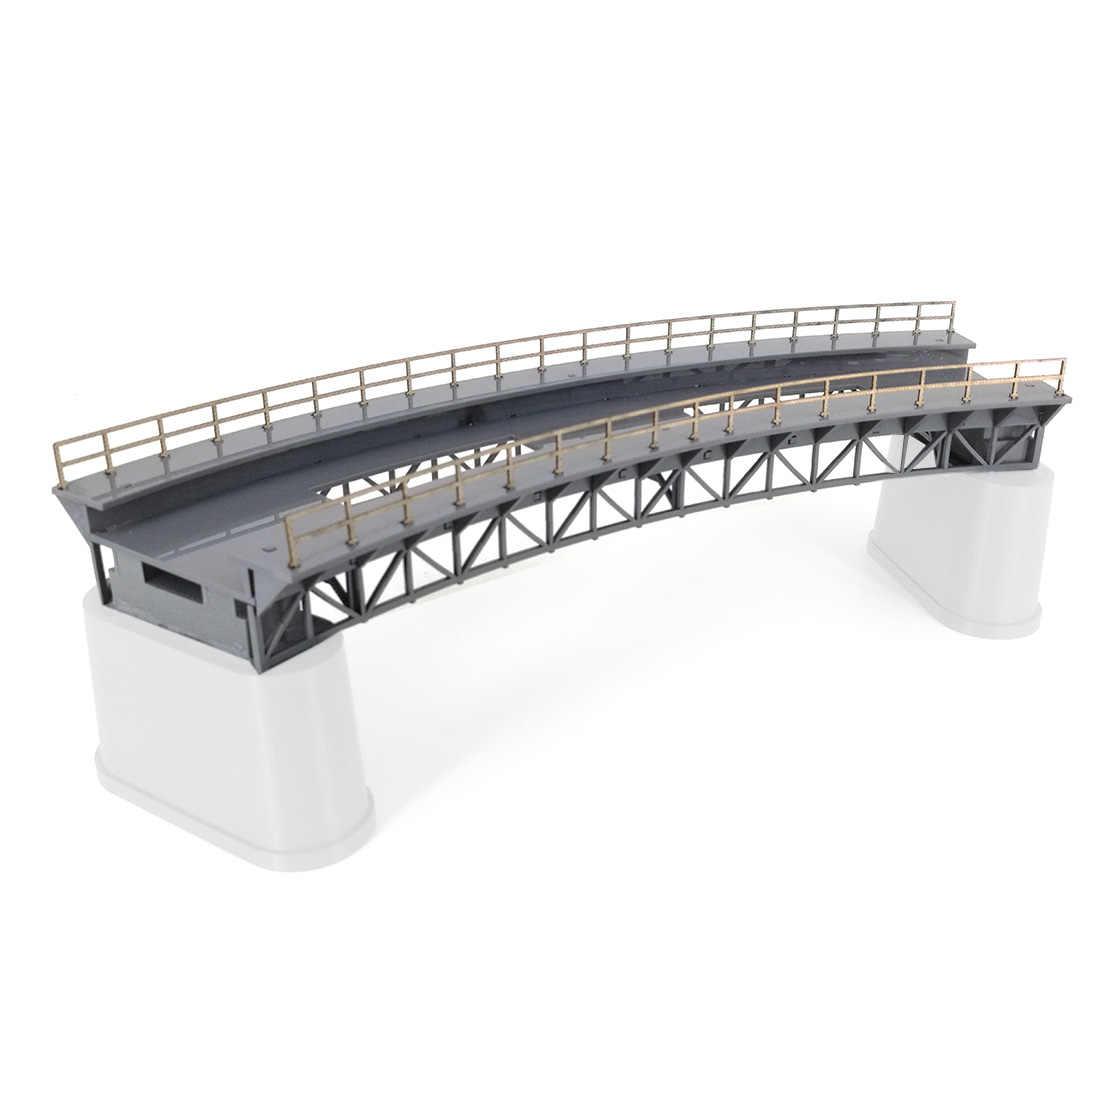 Wysokiej jakości skala 1: 87 HO pociąg kolejowy klimatyczna dekoracja Q4 R1 zakrzywiony most kolejowy Model bez molo piasek akcesoria stołowe